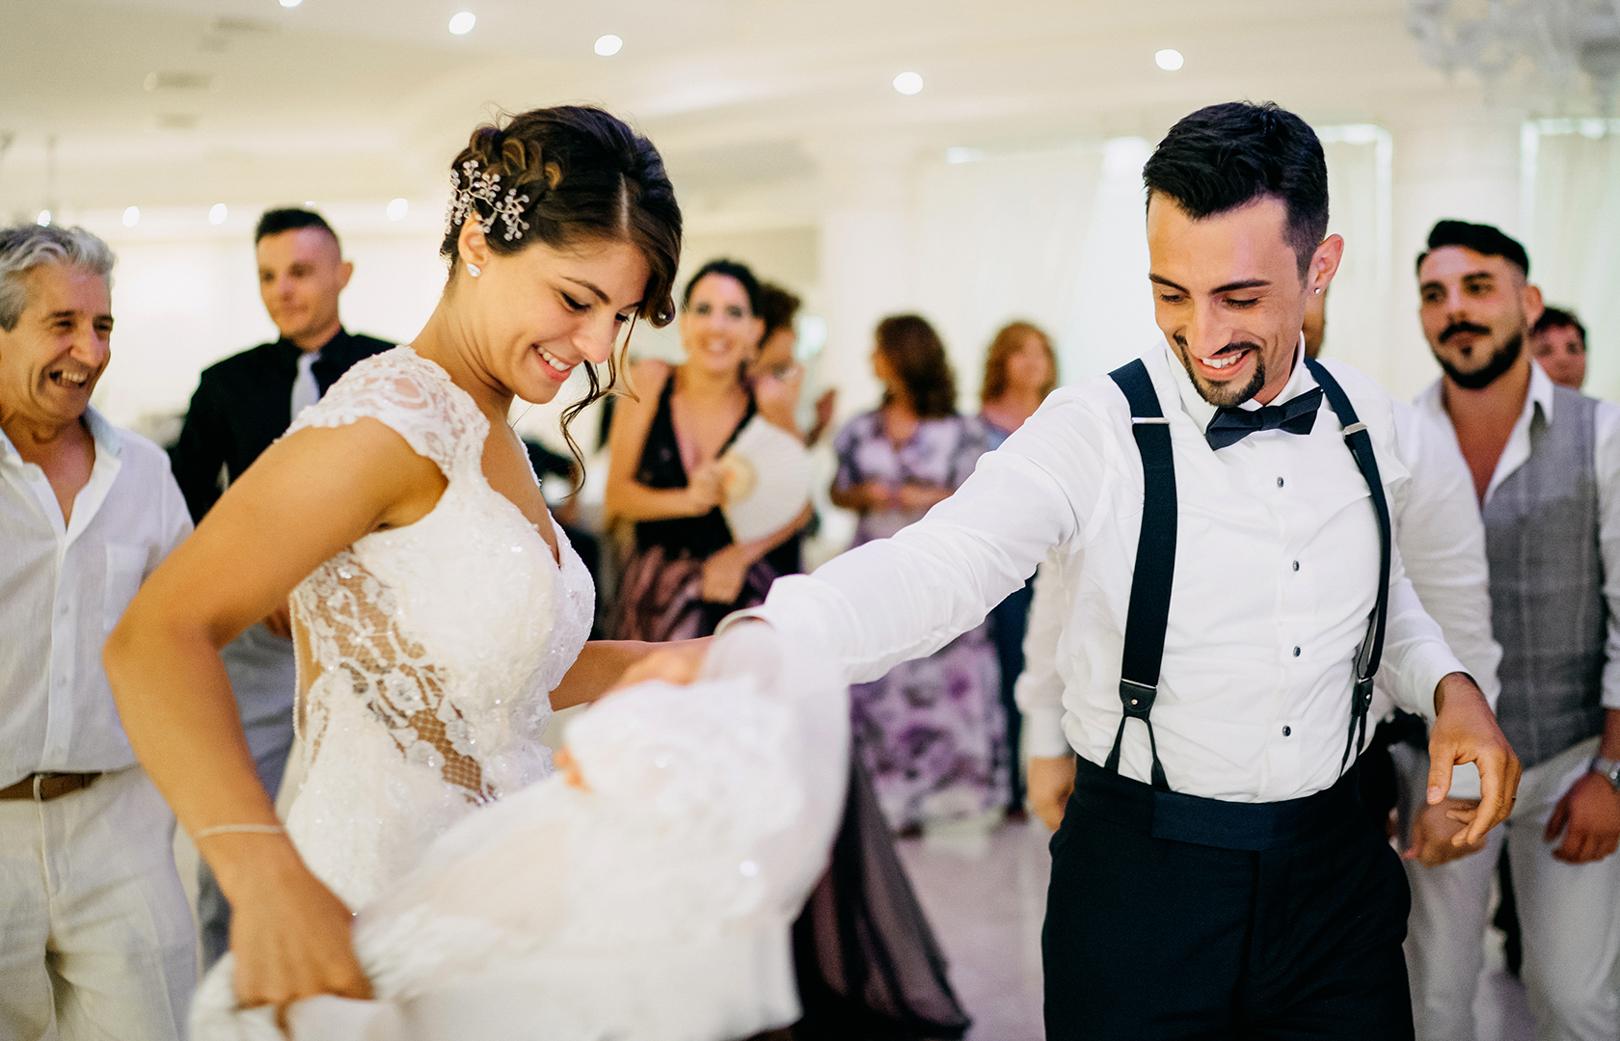 35 gianni-lepore-ballo-sposi